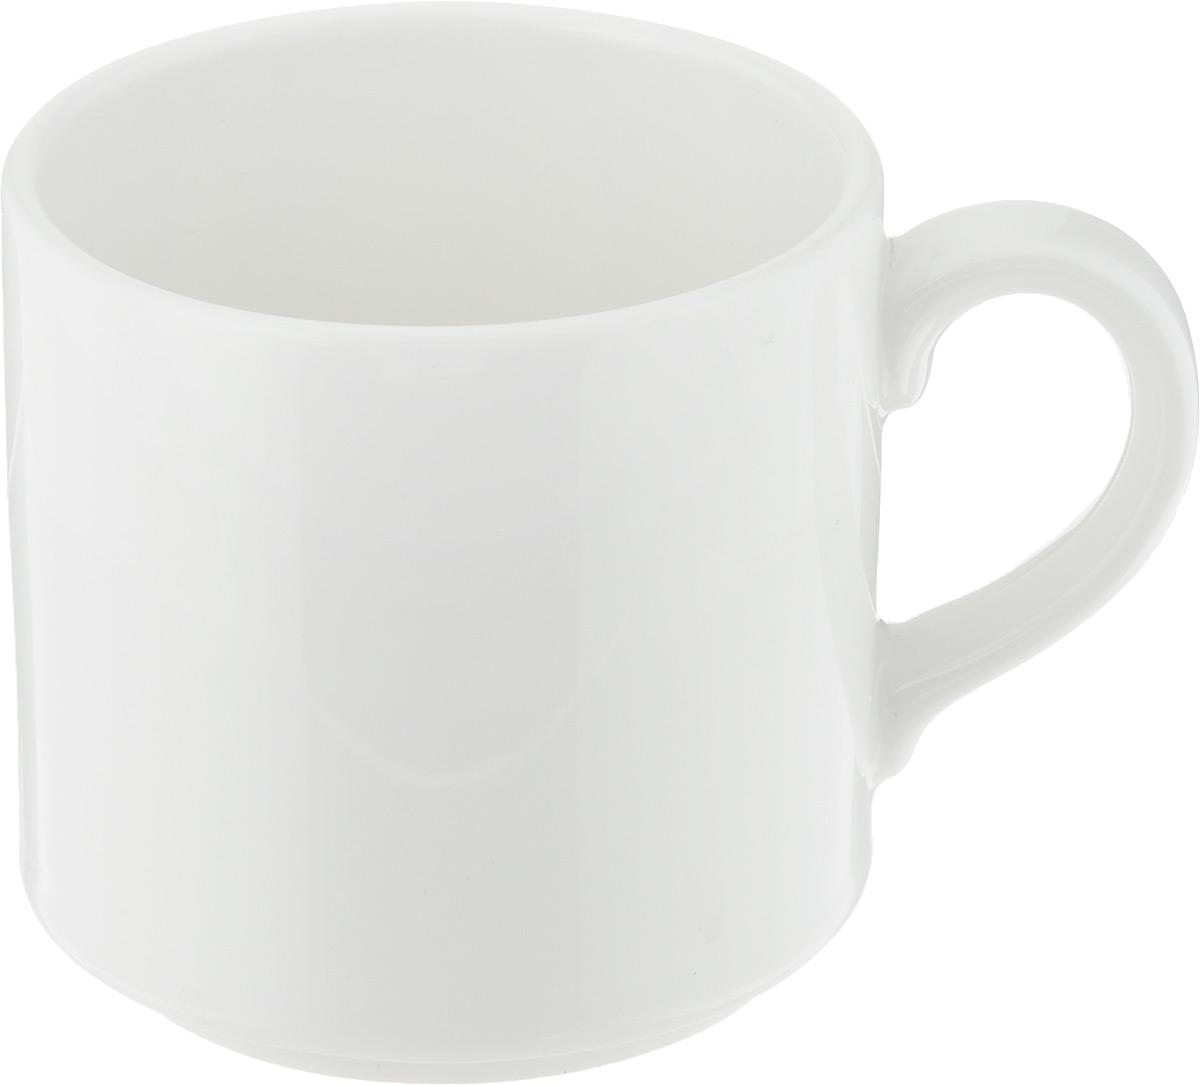 Чашка чайная Ariane Прайм, 200 мл54 009312Чашка Ariane Прайм выполнена из высококачественного фарфора с глазурованным покрытием. Изделие оснащено удобной ручкой. Изысканная чашка прекрасно оформит стол к чаепитию и станет его неизменным атрибутом. Можно мыть в посудомоечной машине и использовать в СВЧ.Диаметр чашки (по верхнему краю): 7,5 см.Высота чашки: 7 см.